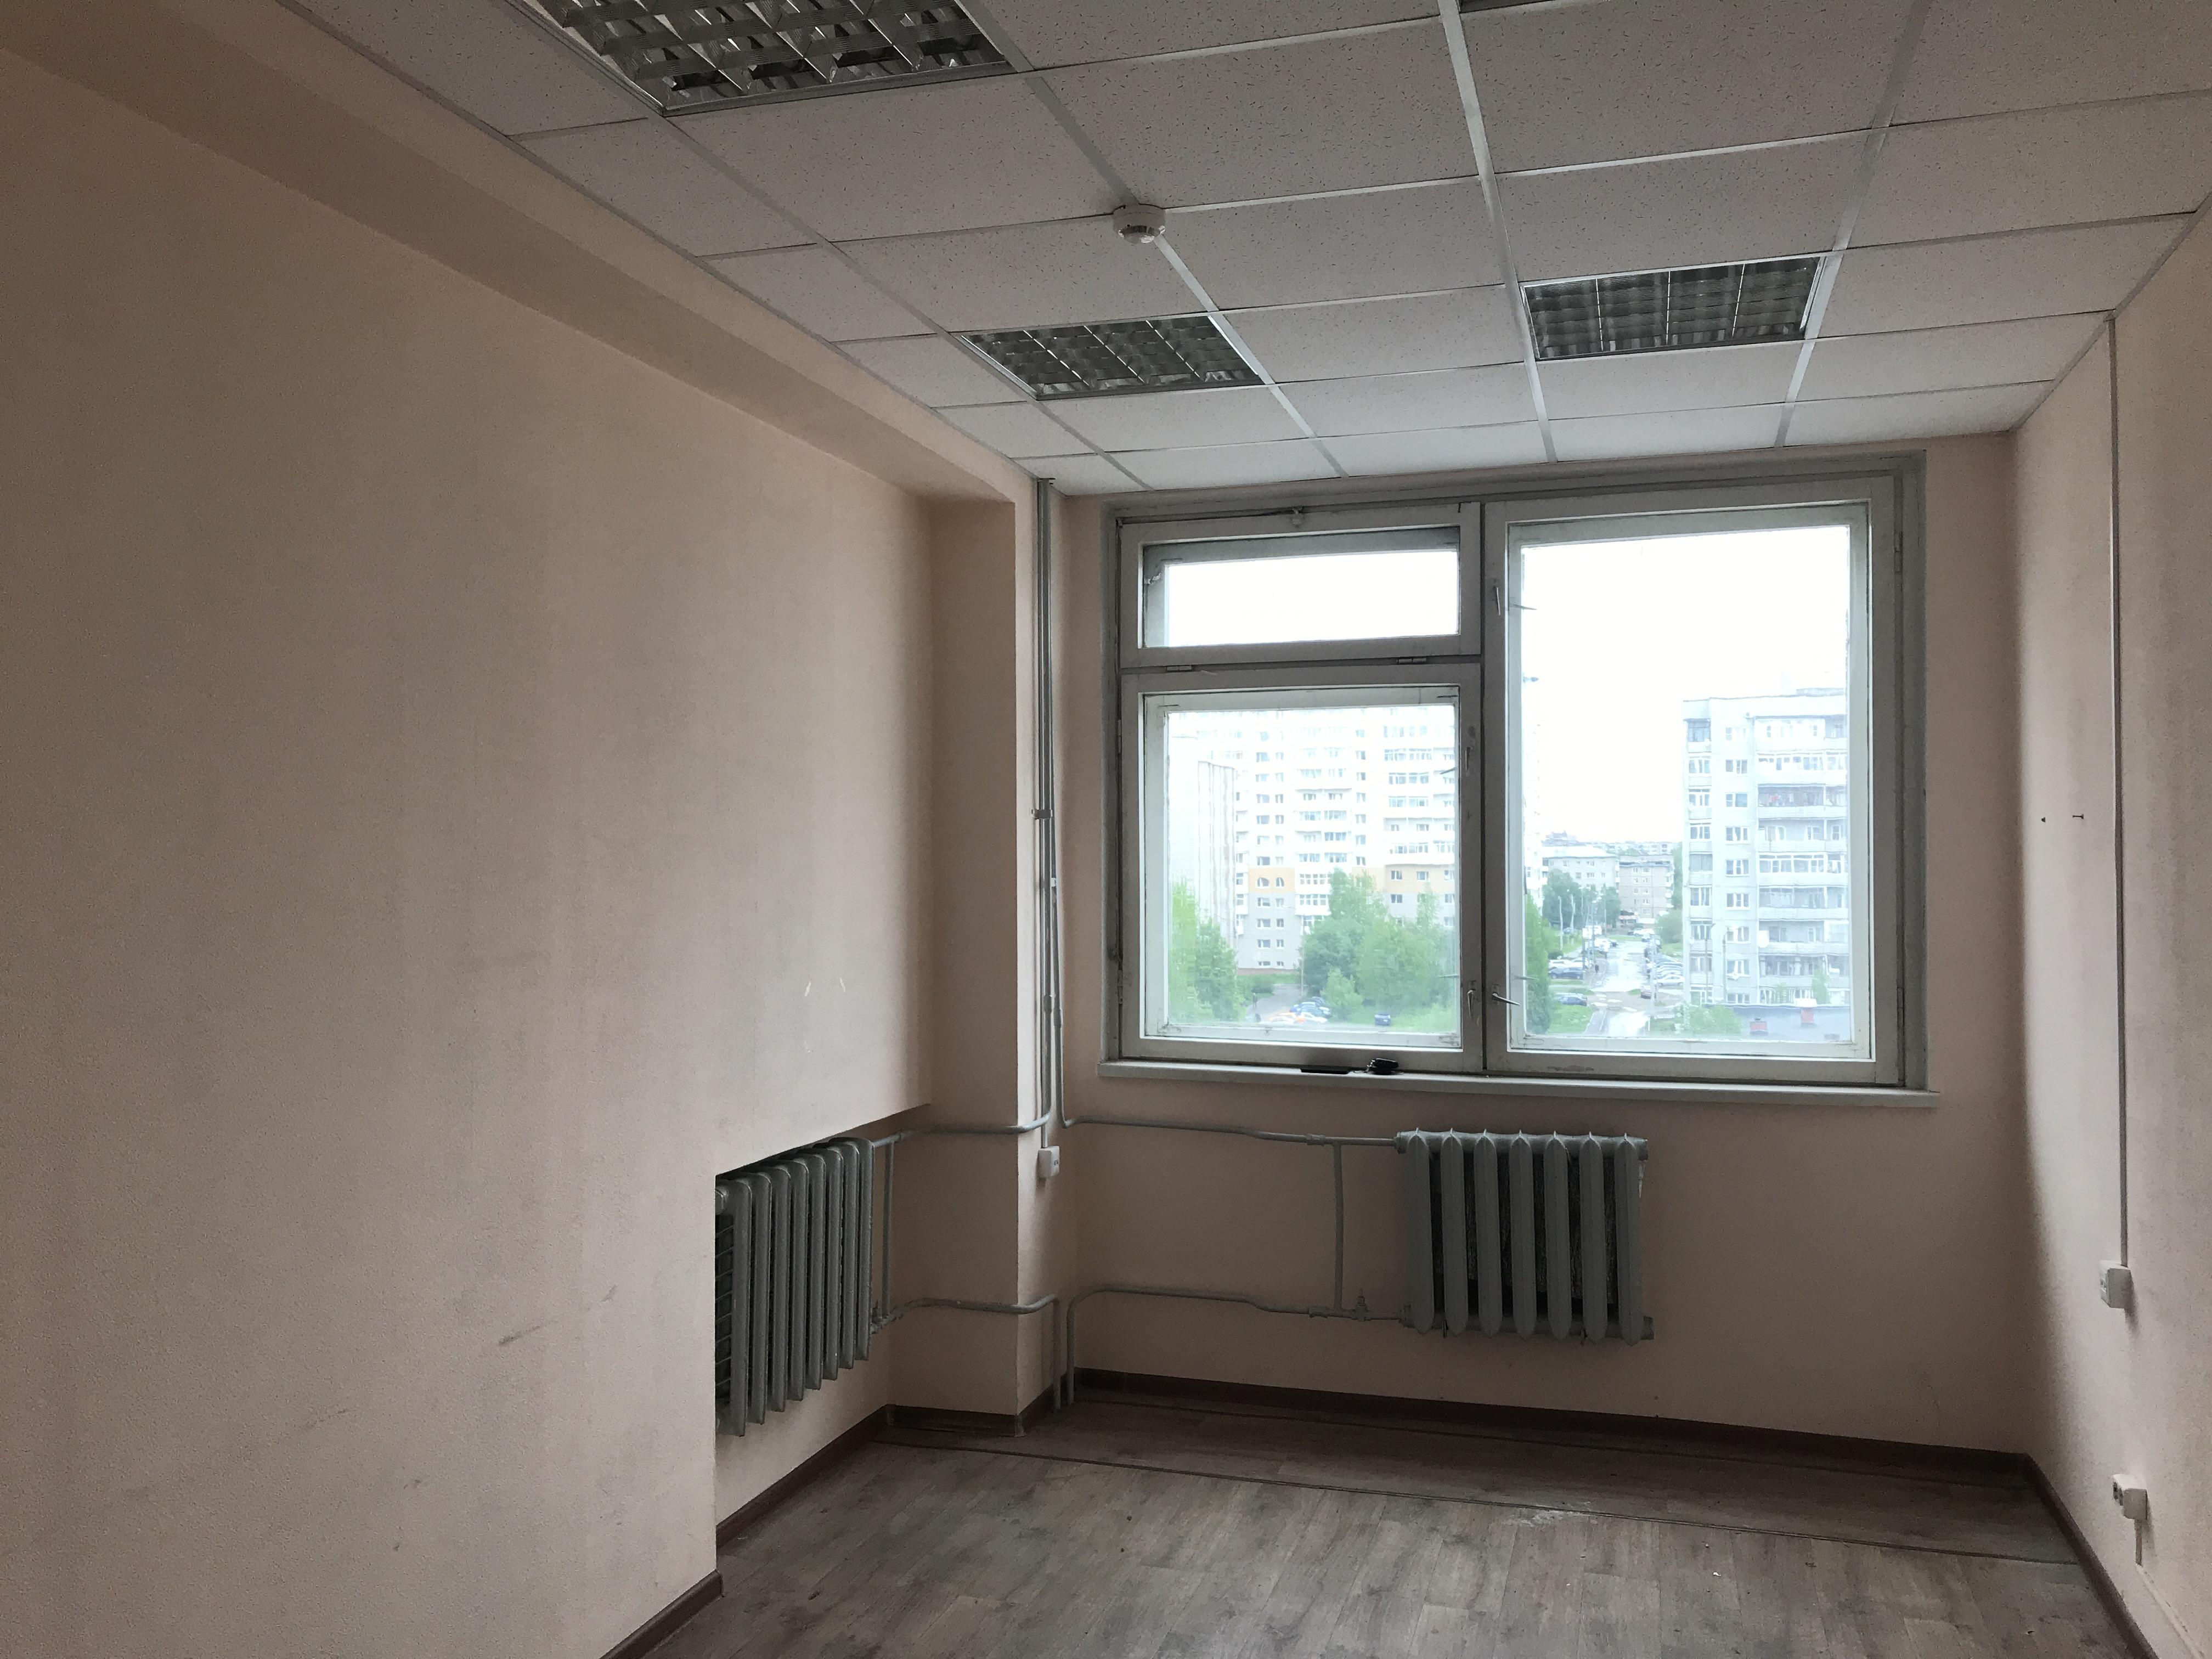 Аренда нежилого помещения в  г. Архангельске